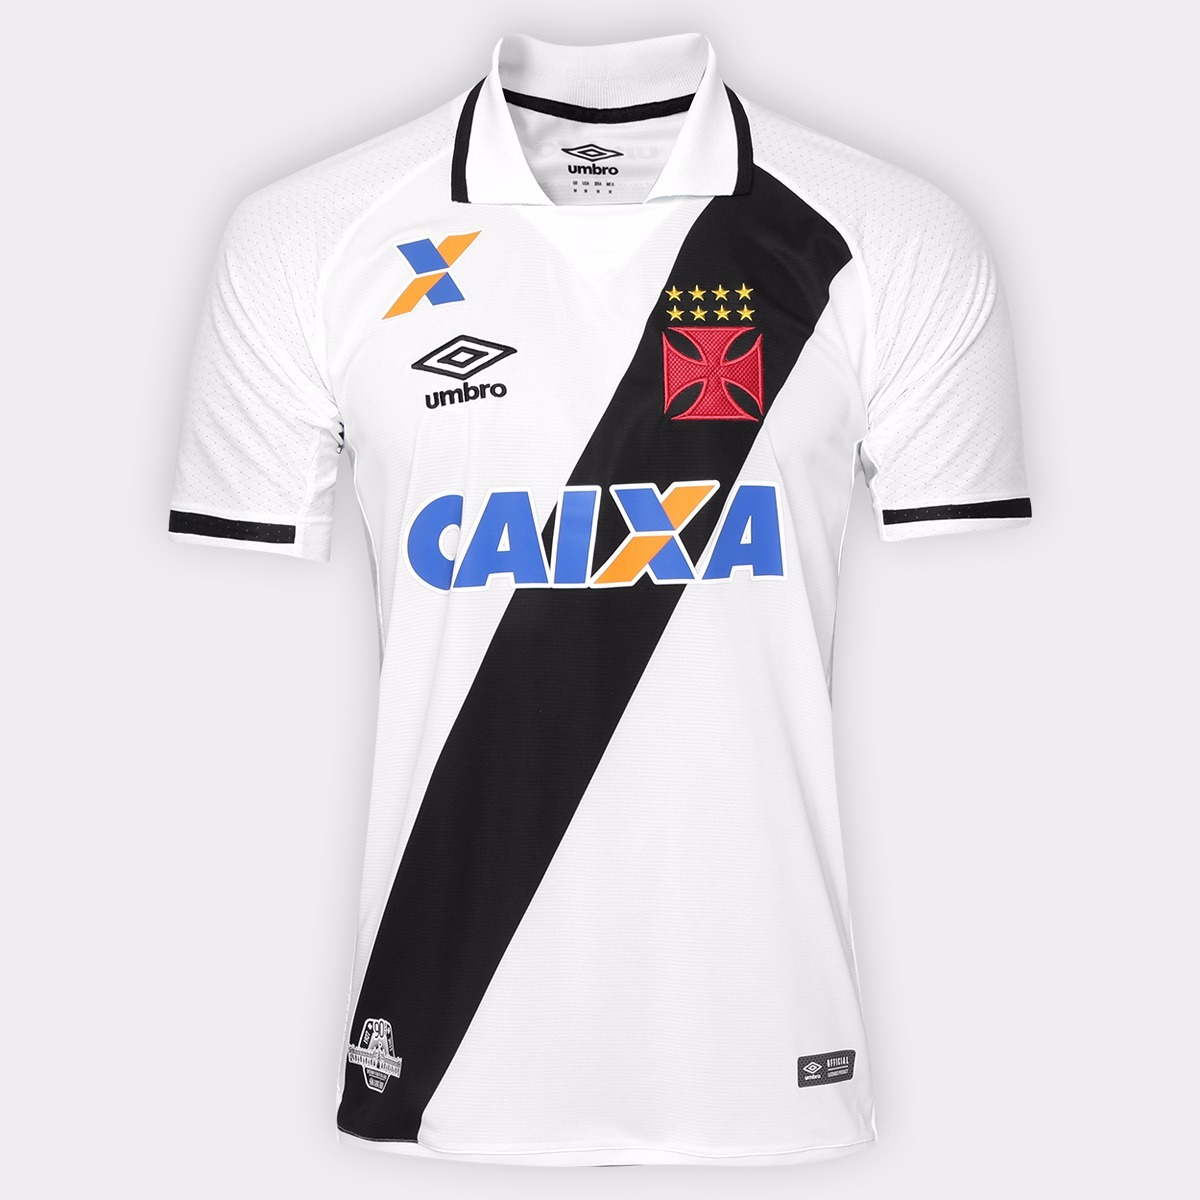 337e7b1101e0c Camisa Vasco Da Gama Umbro Oficial 2017 2018 - R  149